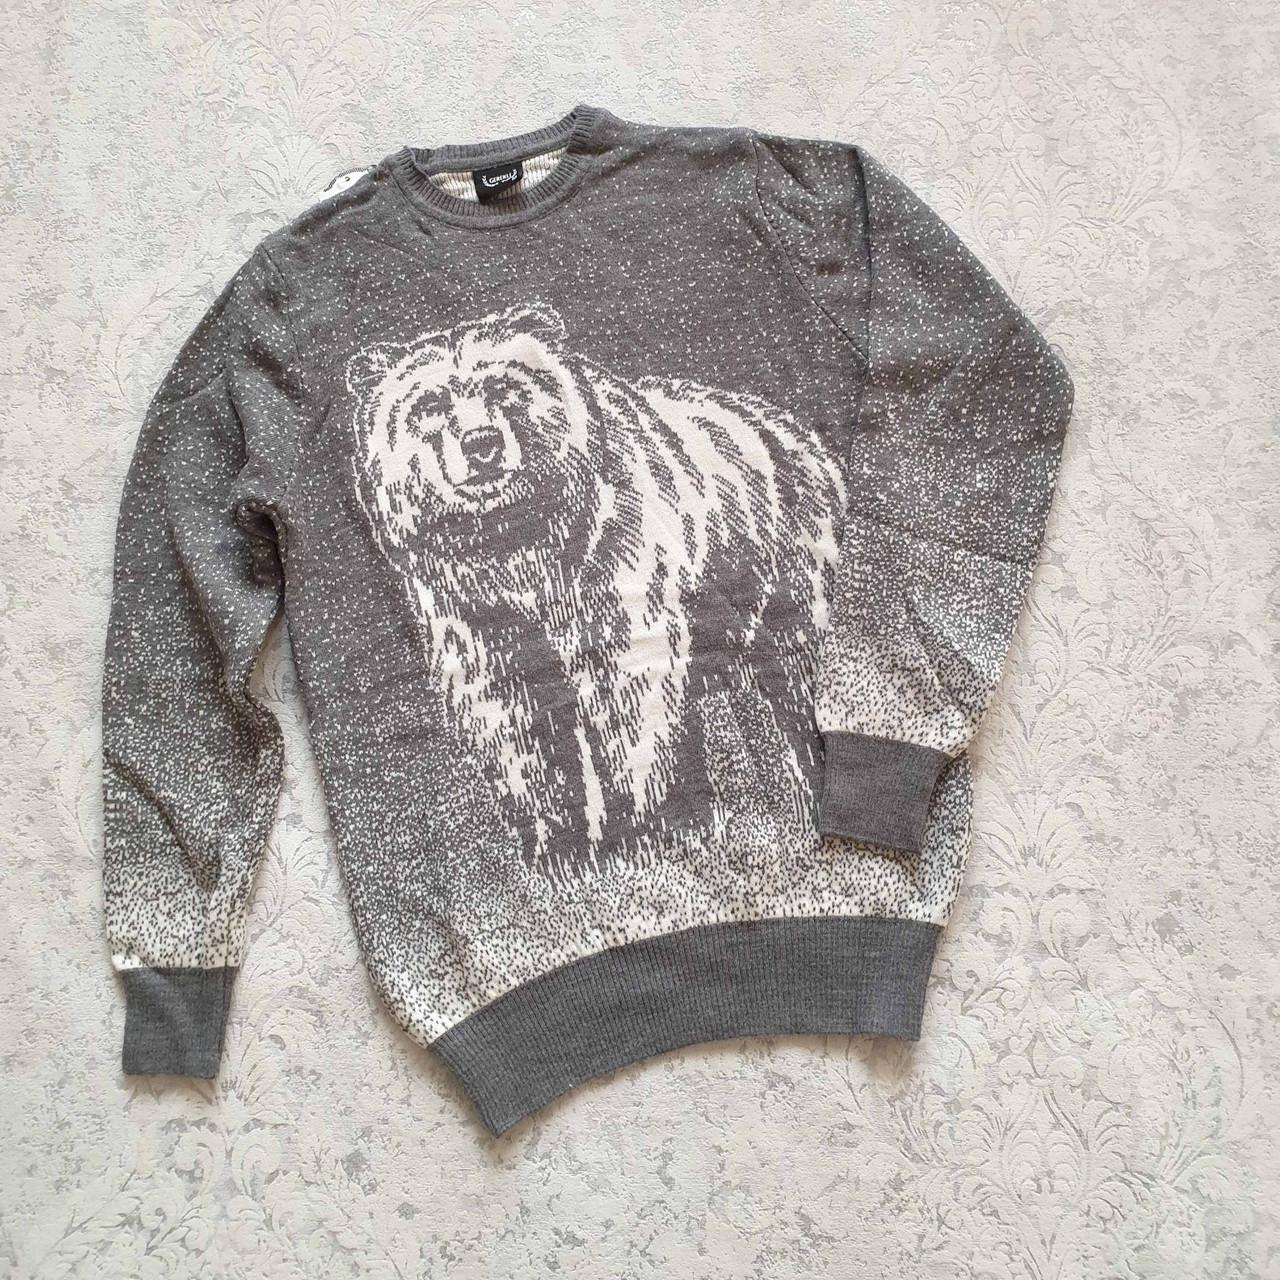 Молодёжный и детский вязаный свитер с медведем размеры M,L,XL,XXL